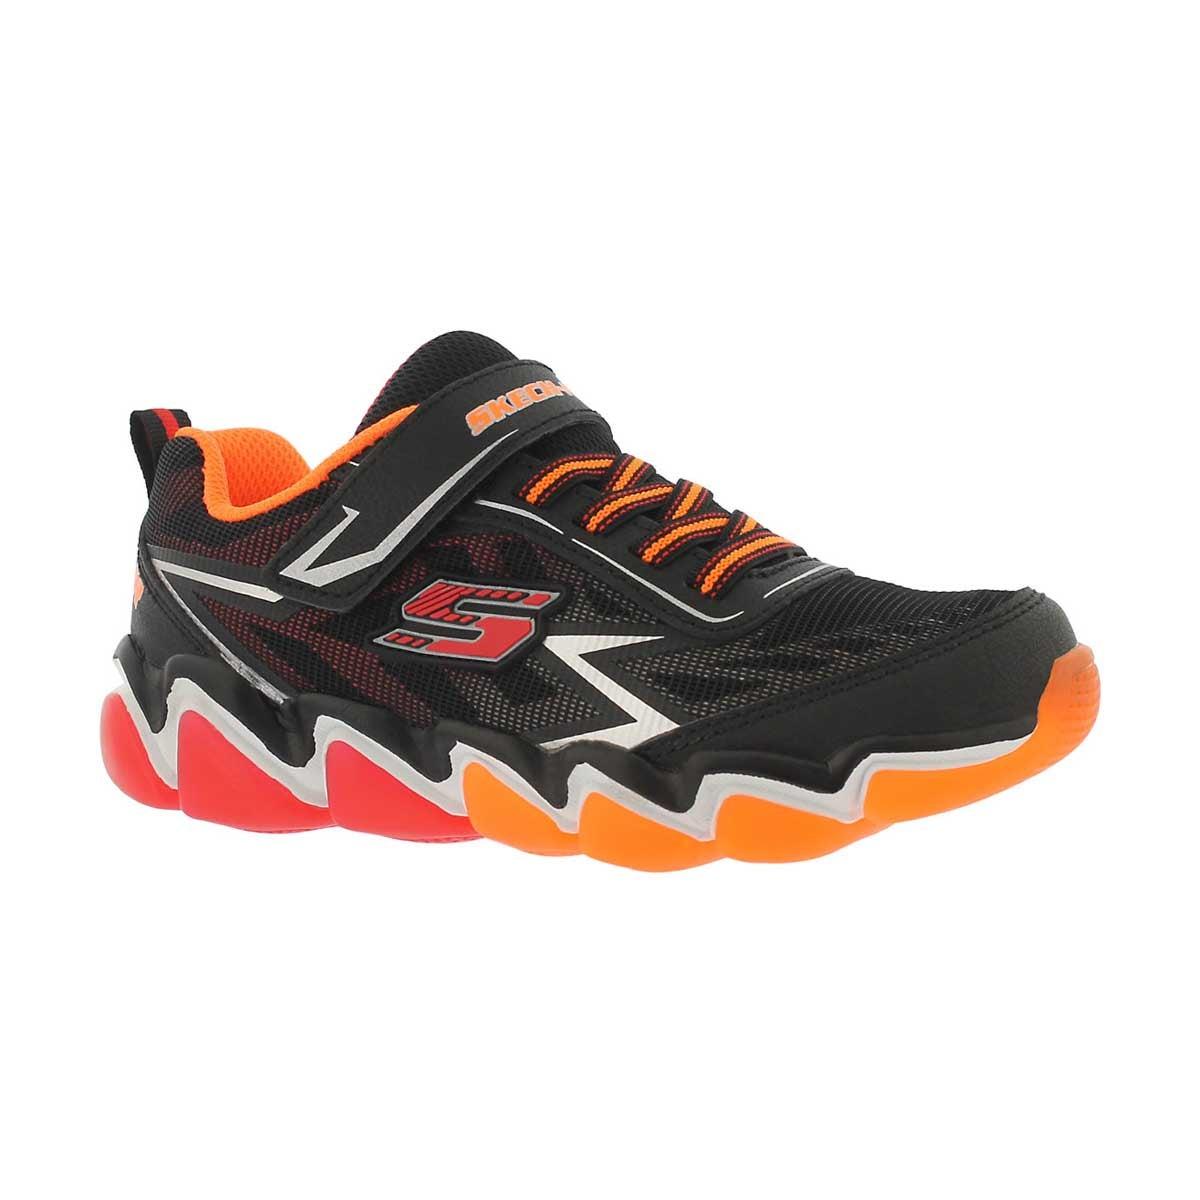 Boys' SKECH-AIR 3.0 black/red sneakers